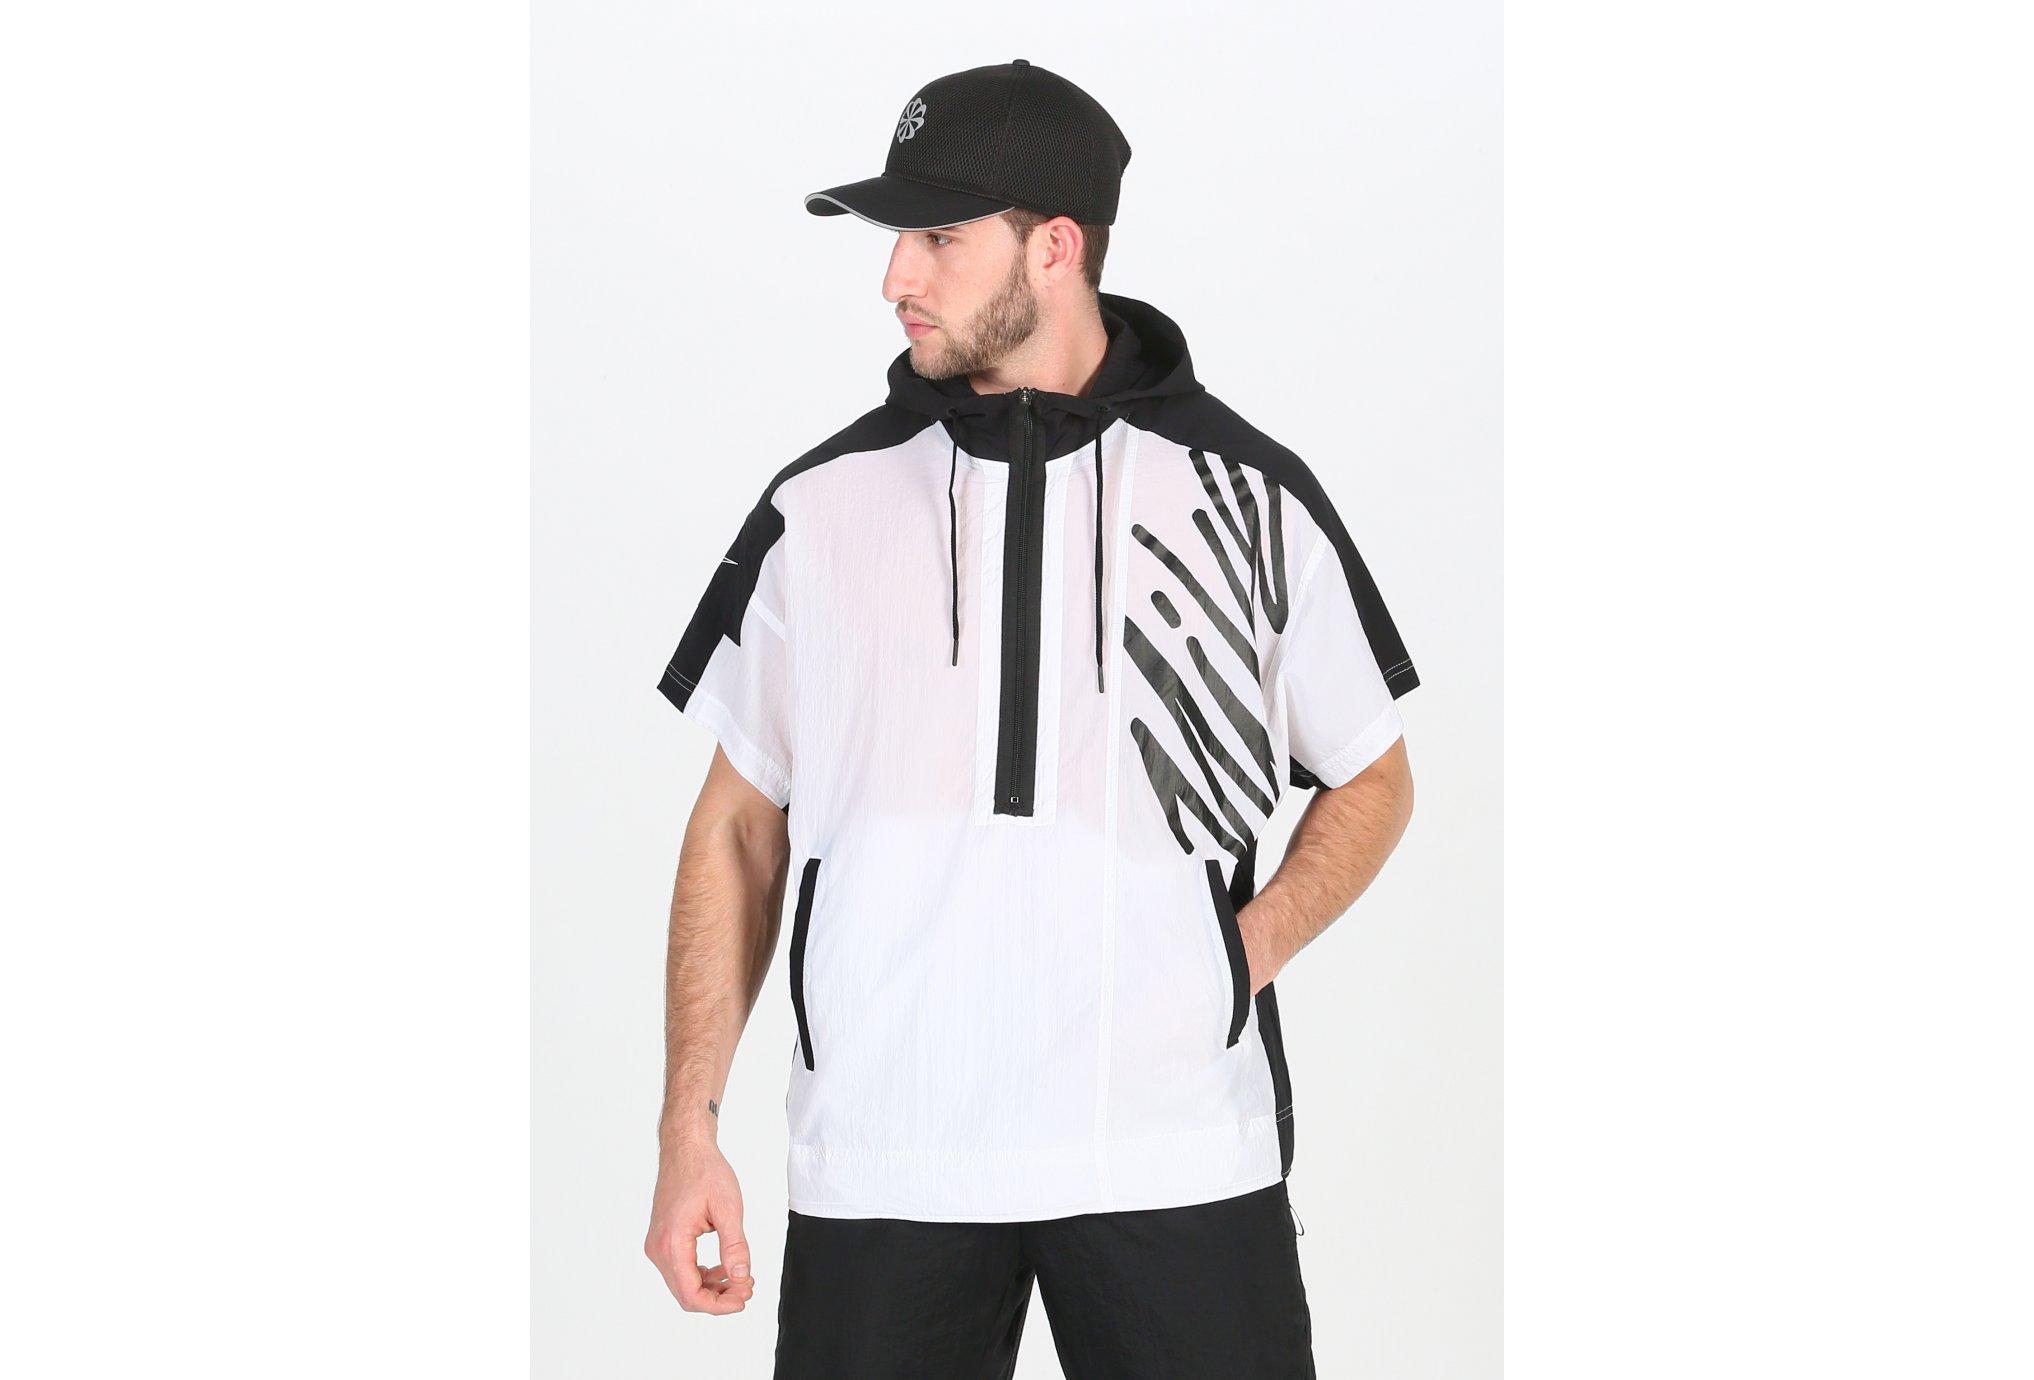 Nike Project X M Diététique Vêtements homme